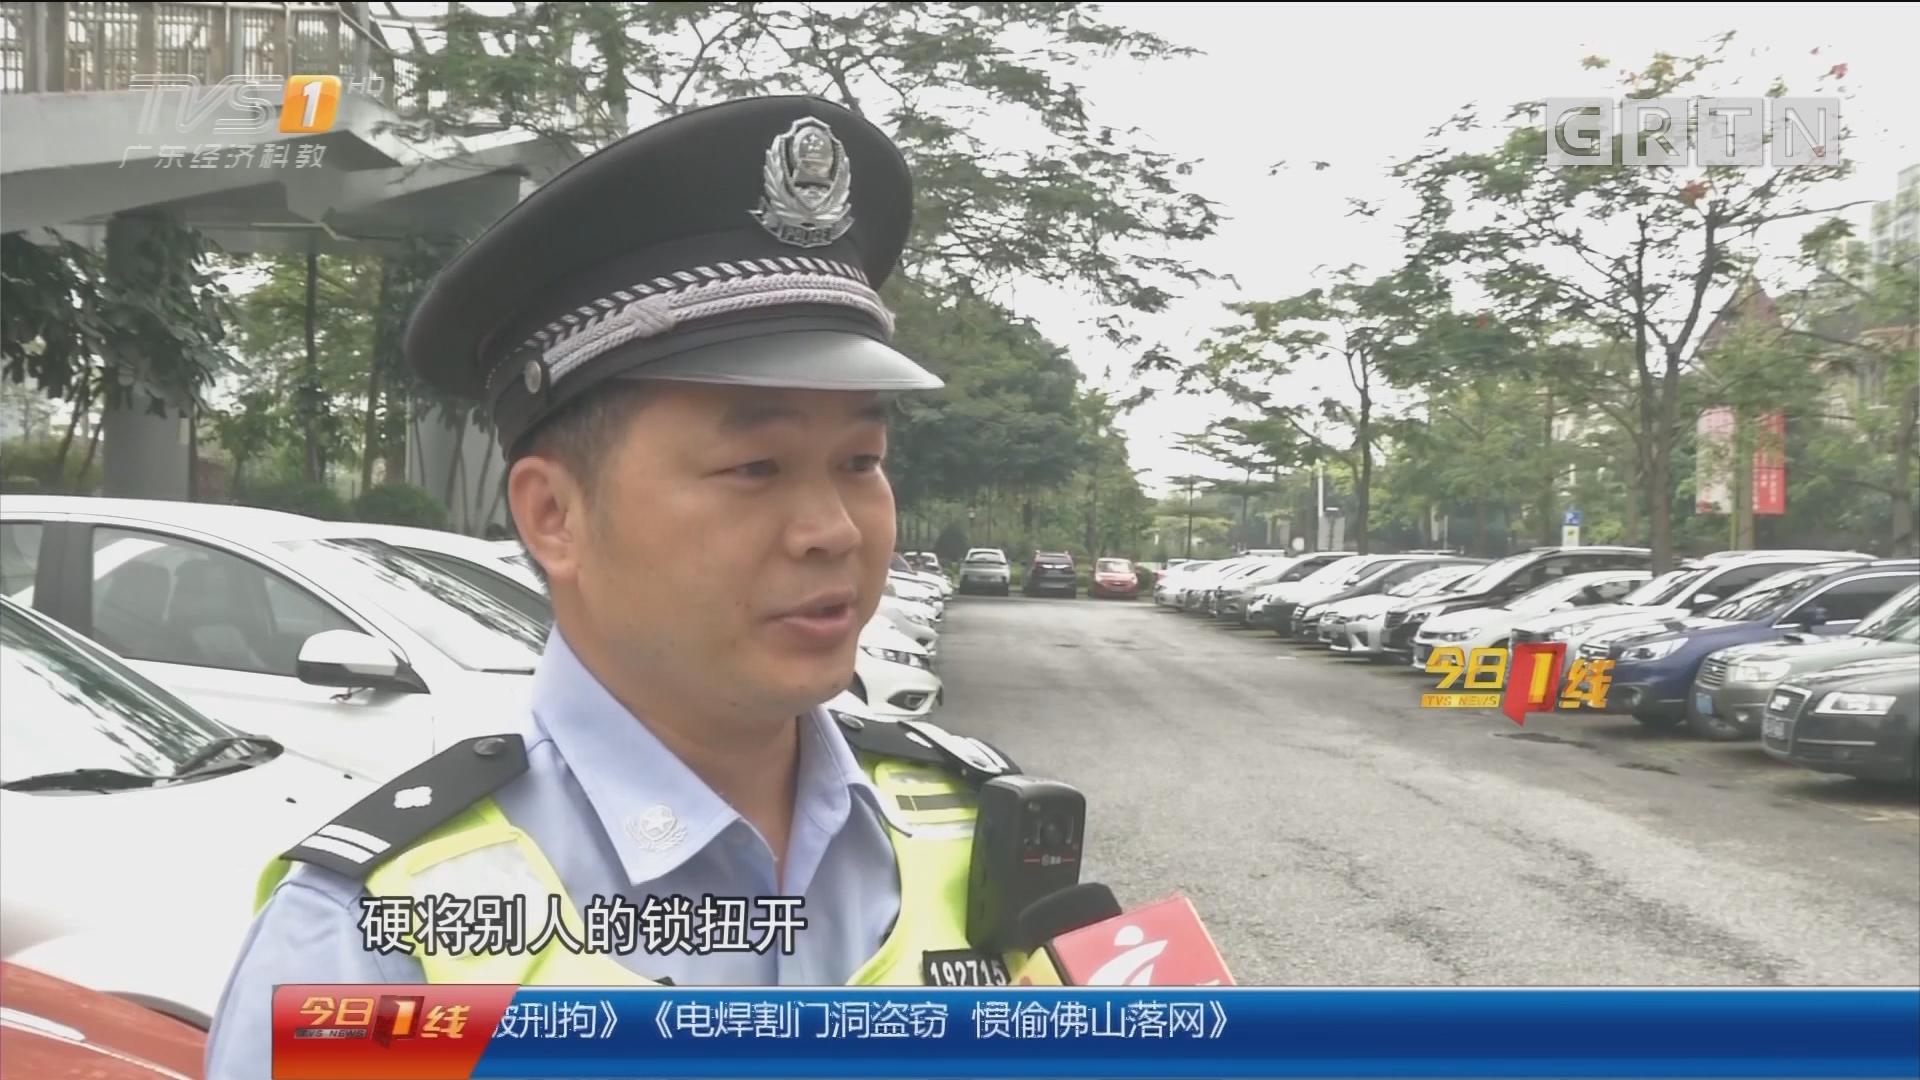 """佛山顺德:车被盗不报警反偷车 如此""""止损""""被拘留"""